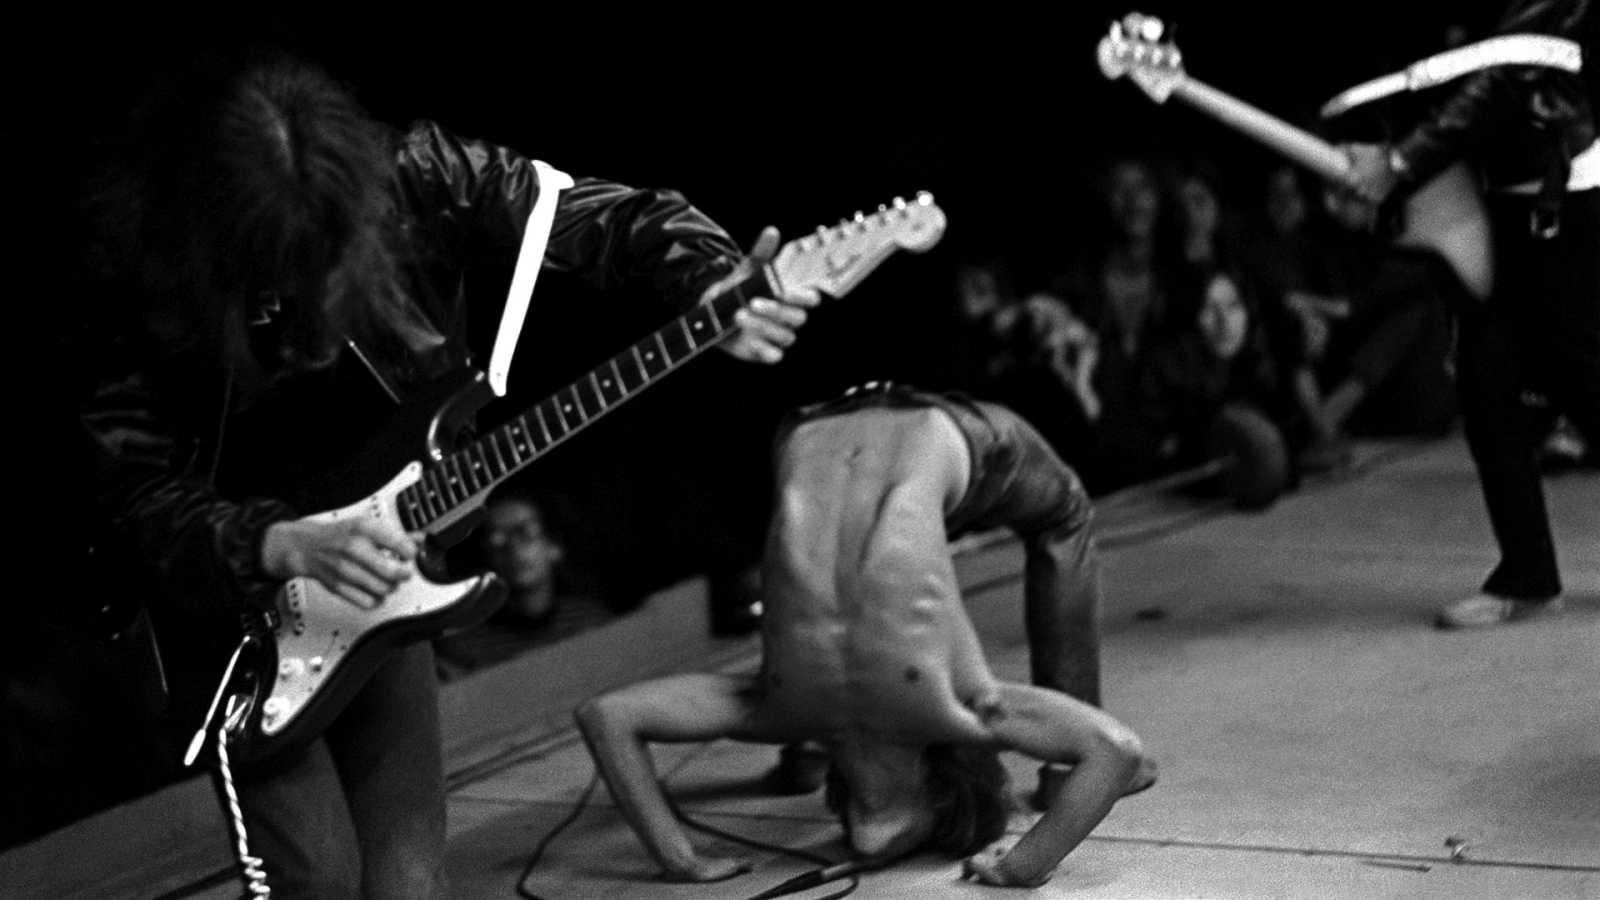 El sótano - The Stooges en directo y Kim Fowley en las calles - 02/09/20 - escuchar ahora